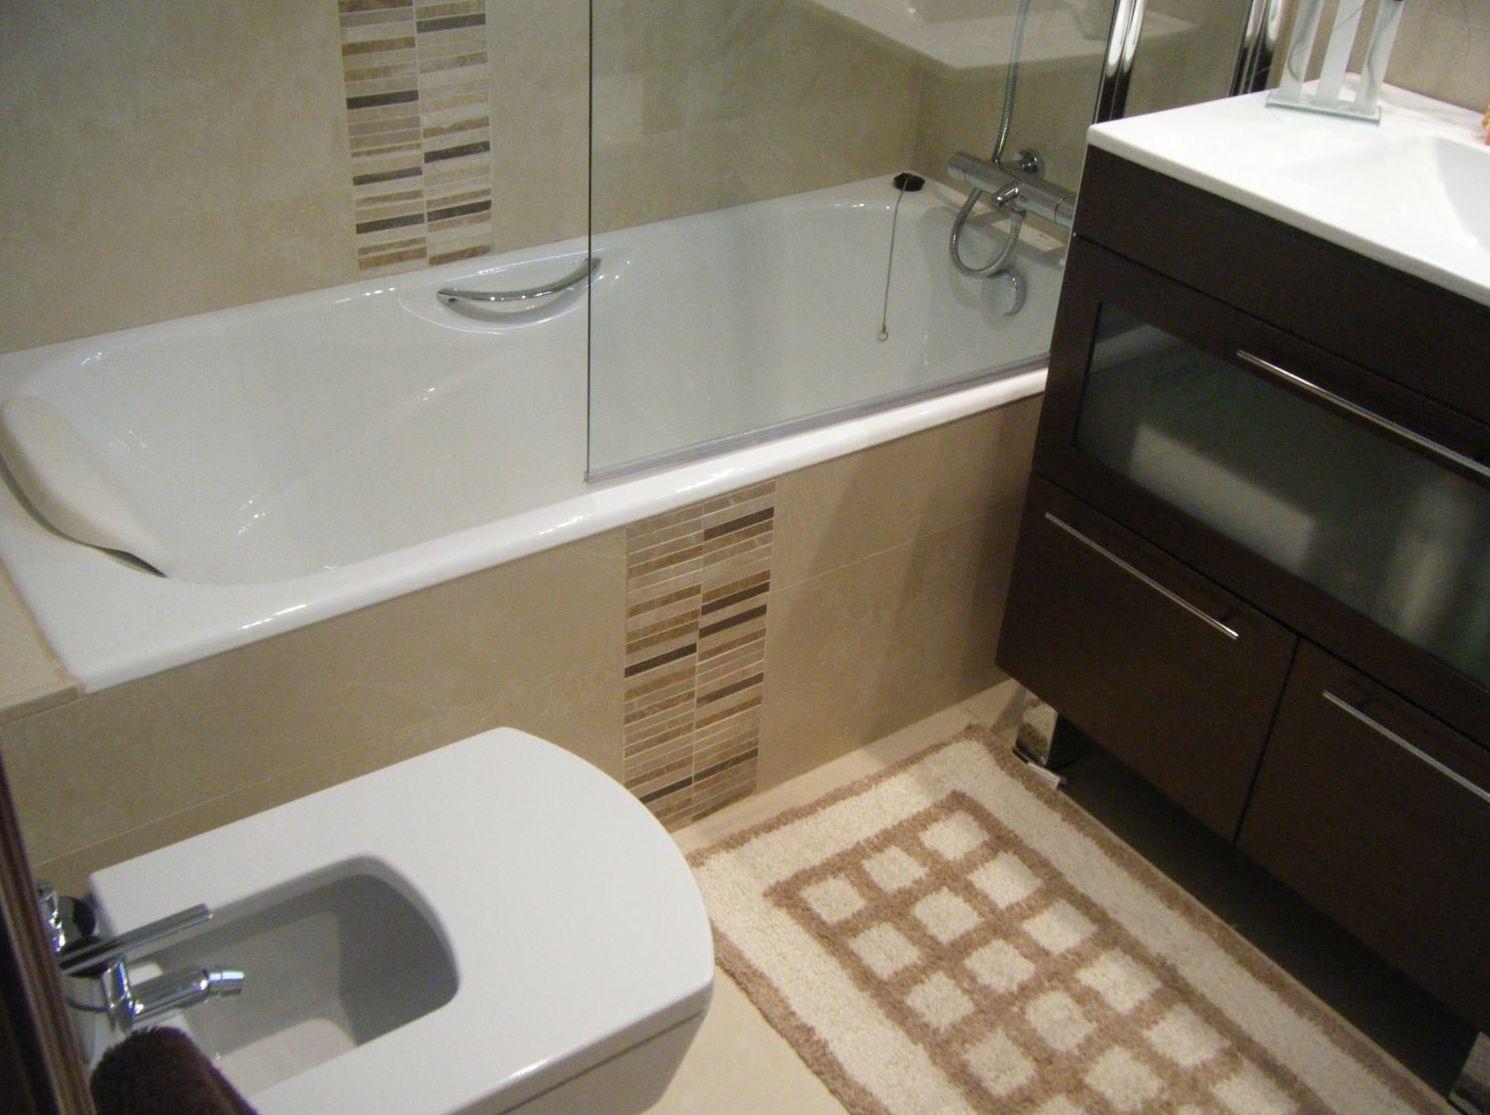 Instalación de todo tipo de saneamientos